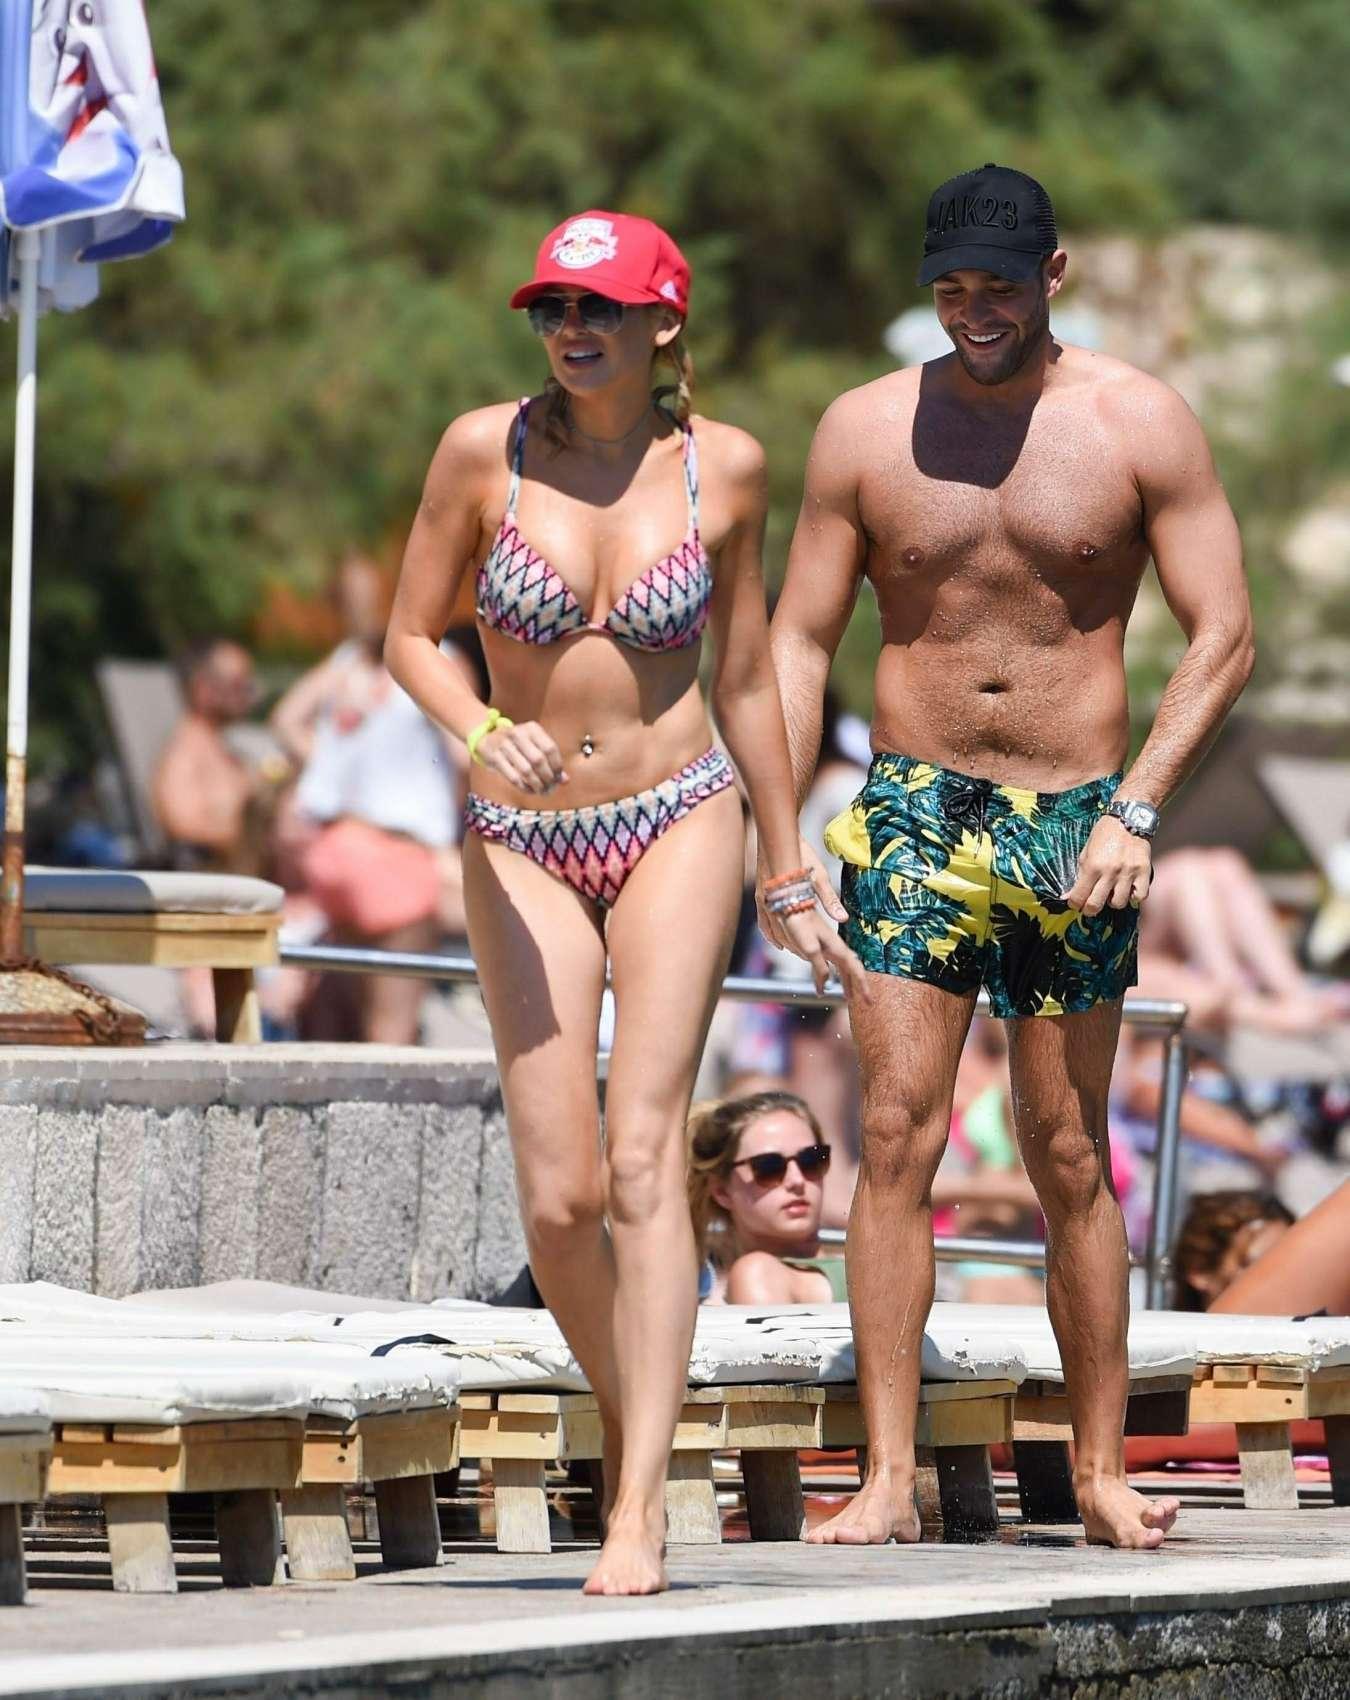 Stephanie Pratt 2017 : Stephanie Pratt: Bikini on holiday in Croatia -29